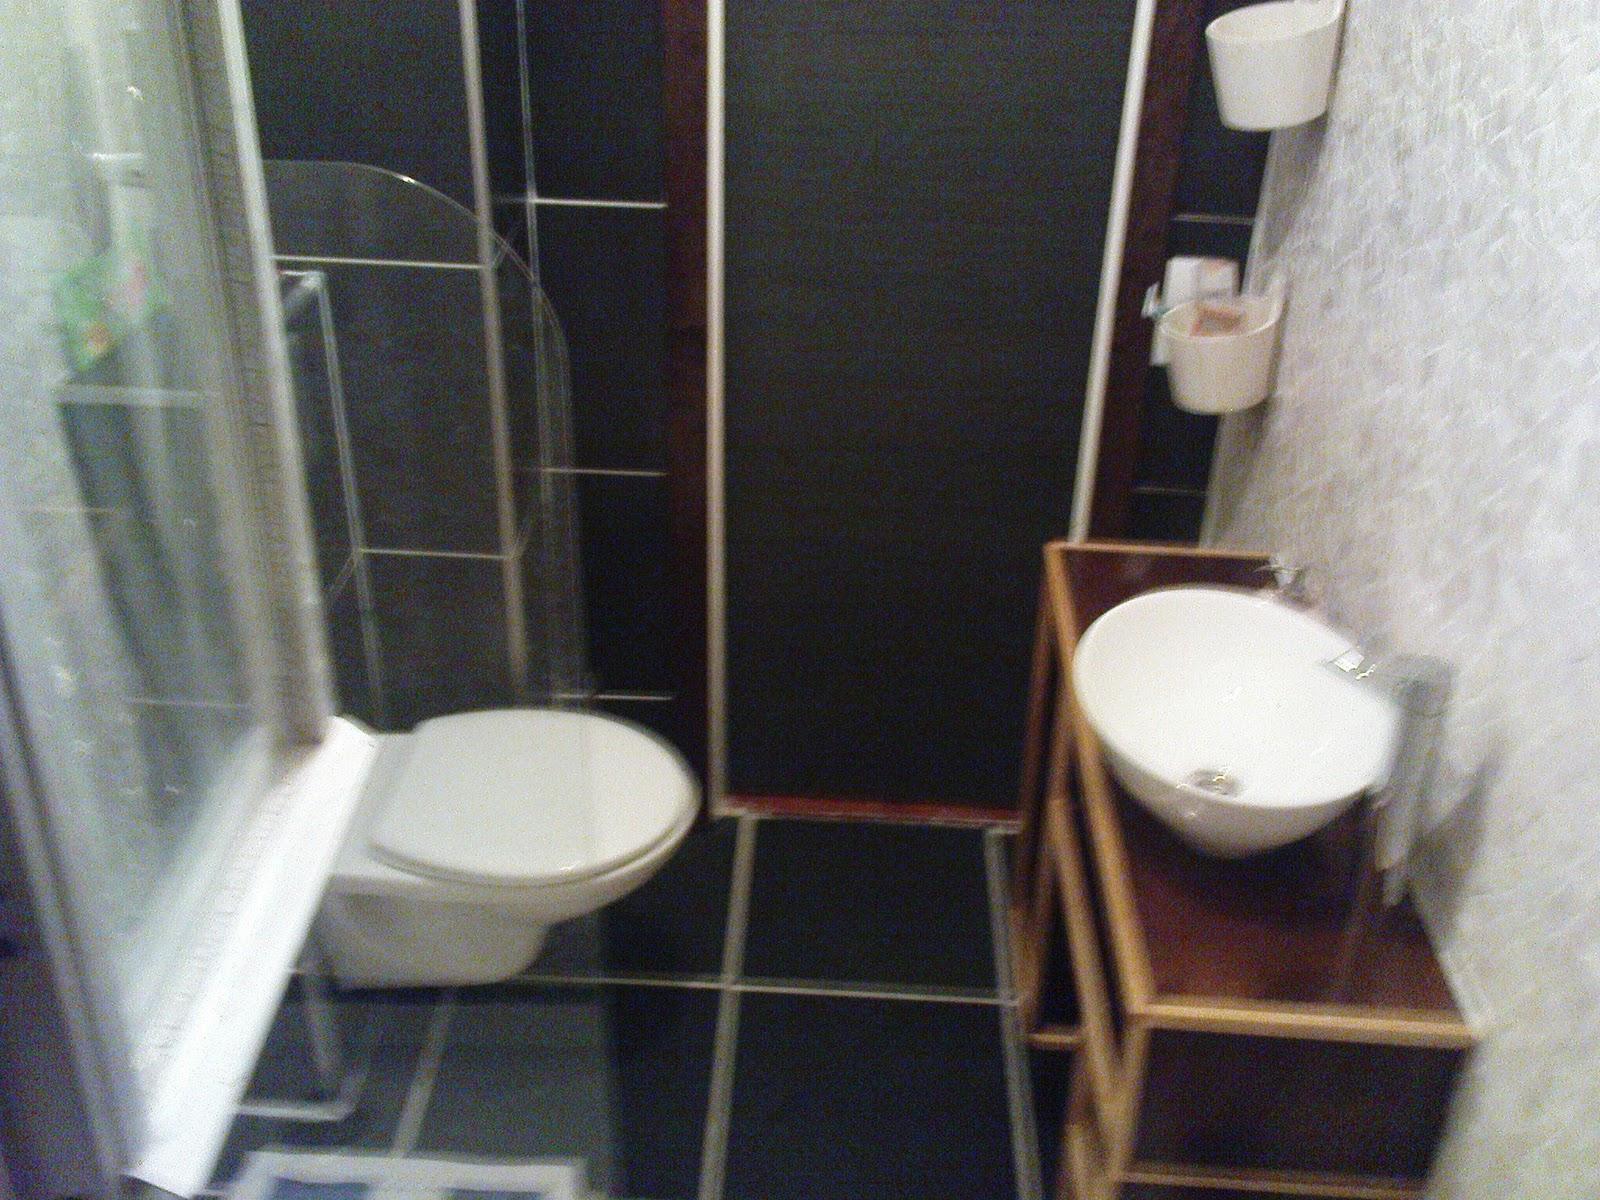 agencement et cr ation la petite salle de bain particuli re pour particulier. Black Bedroom Furniture Sets. Home Design Ideas